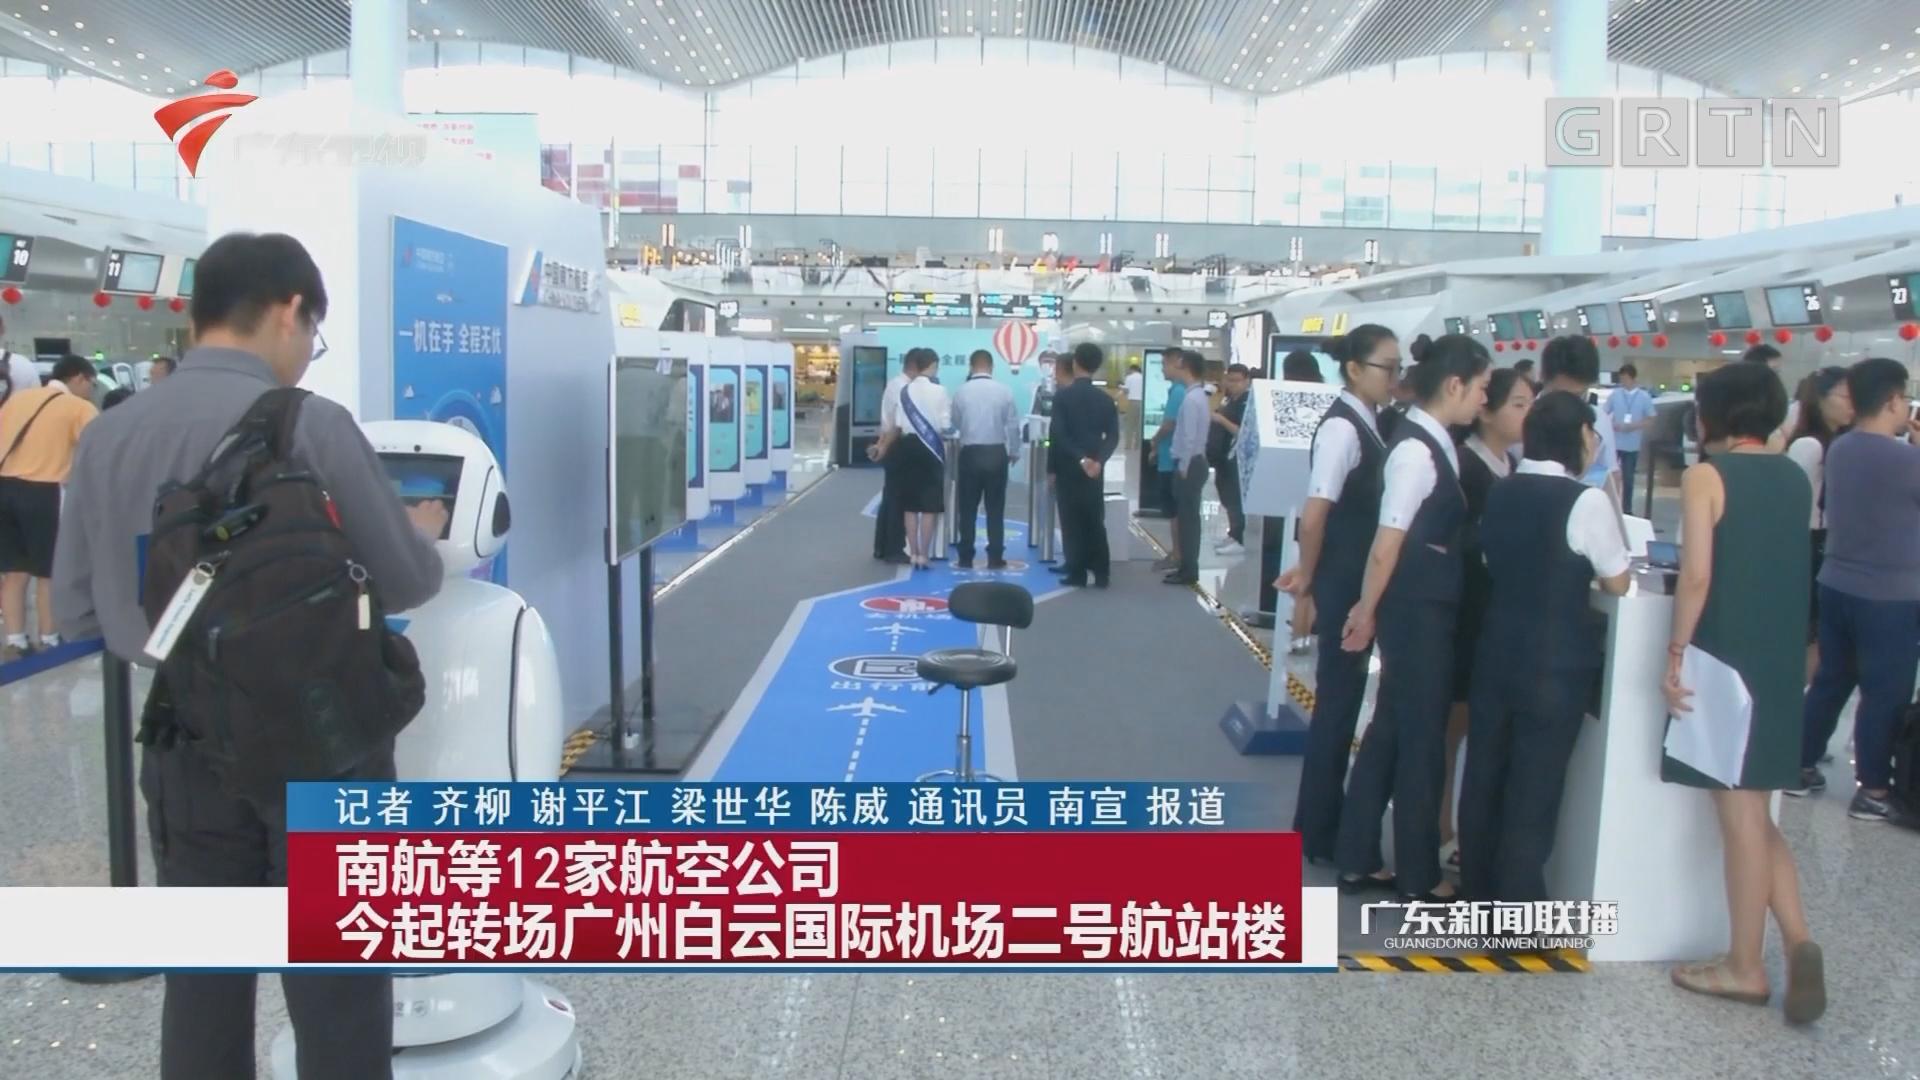 南航等12家航空公司今起转场广州白云国际机场二号航站楼